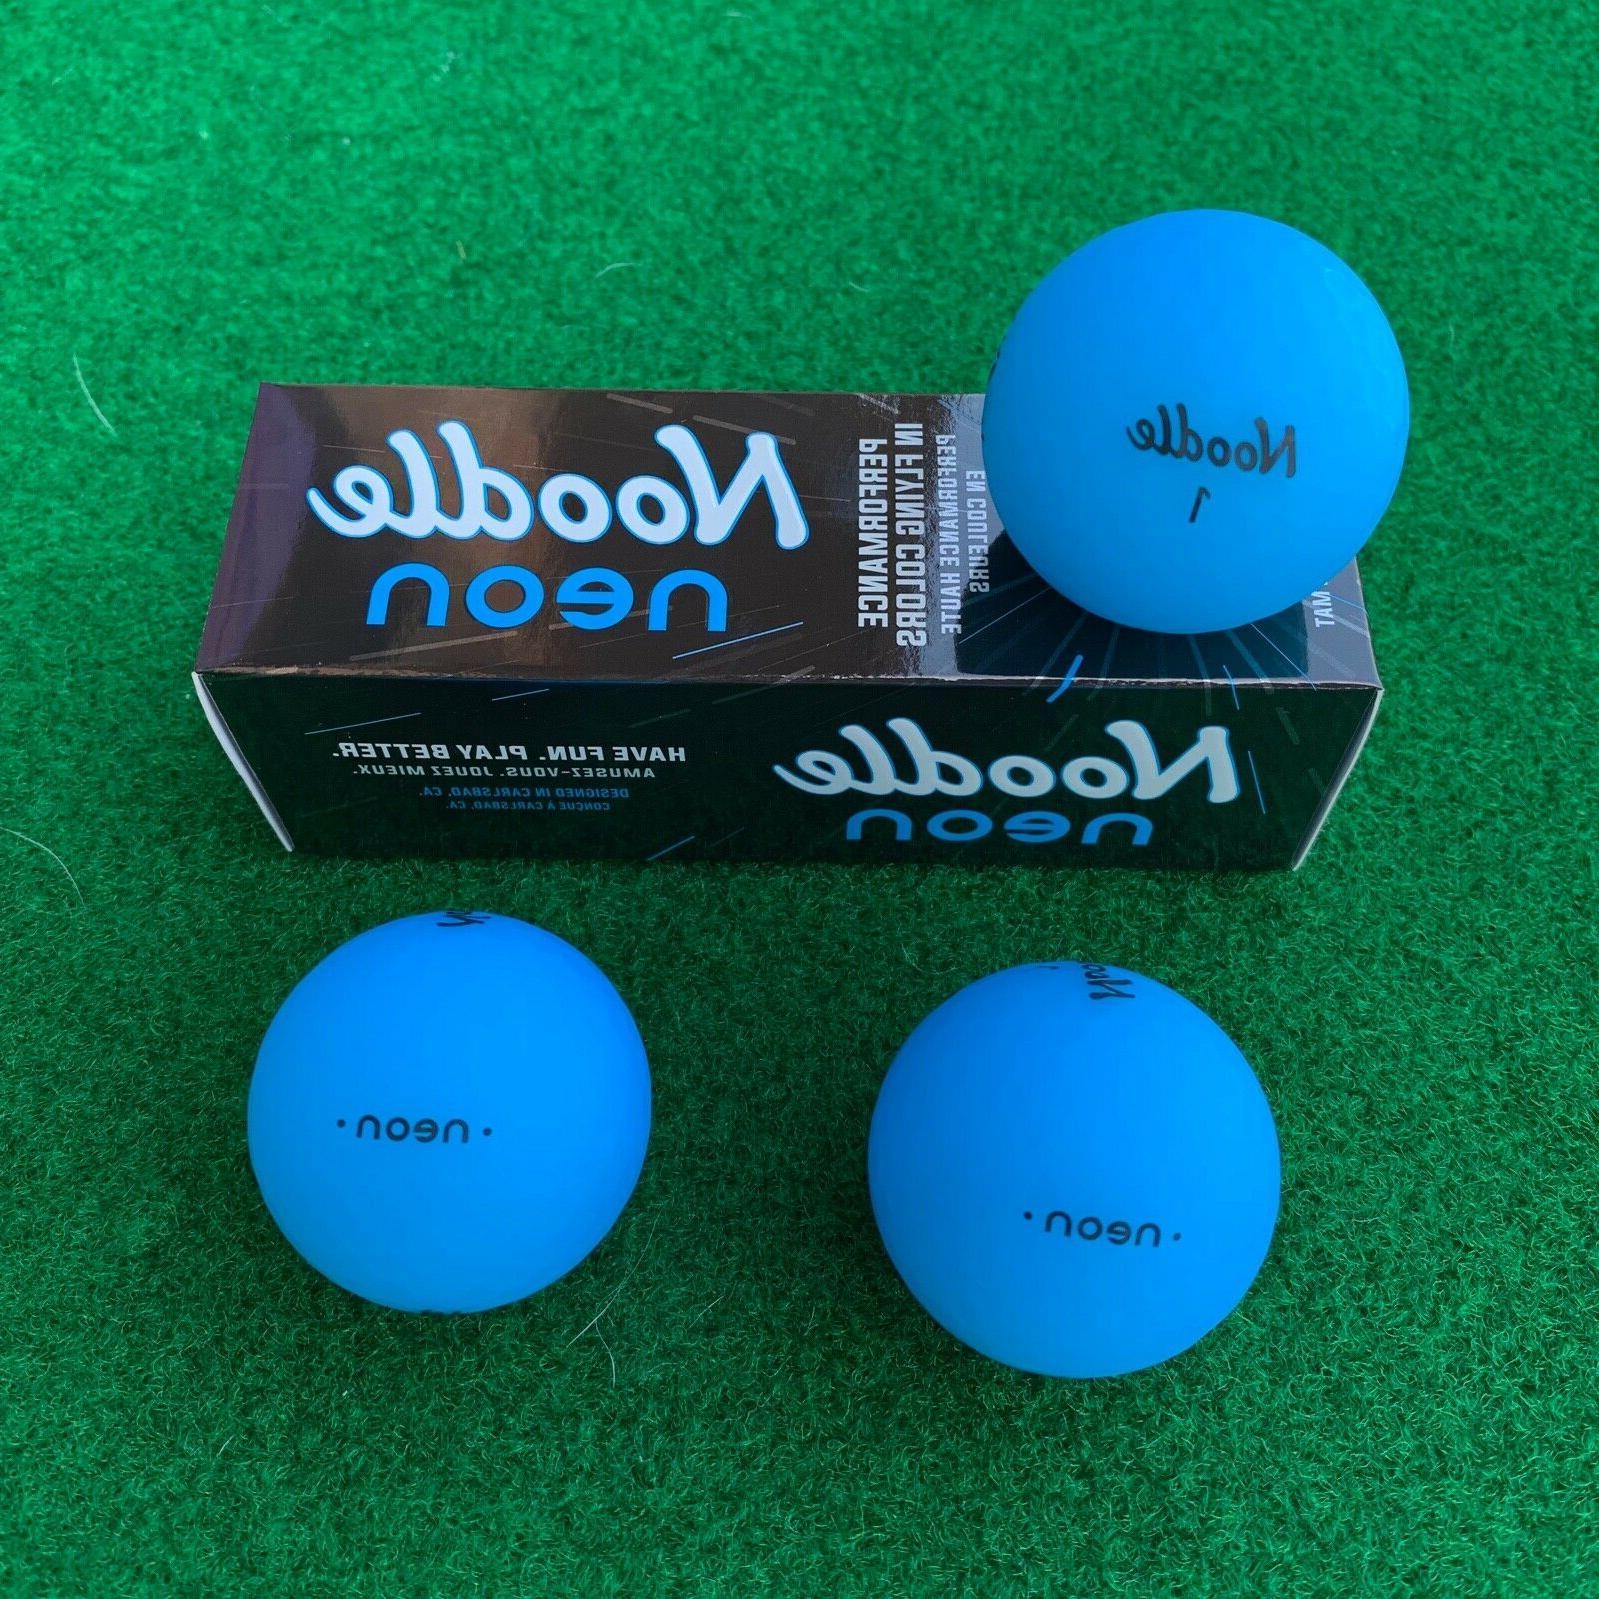 noodle neon golf balls blue new 3